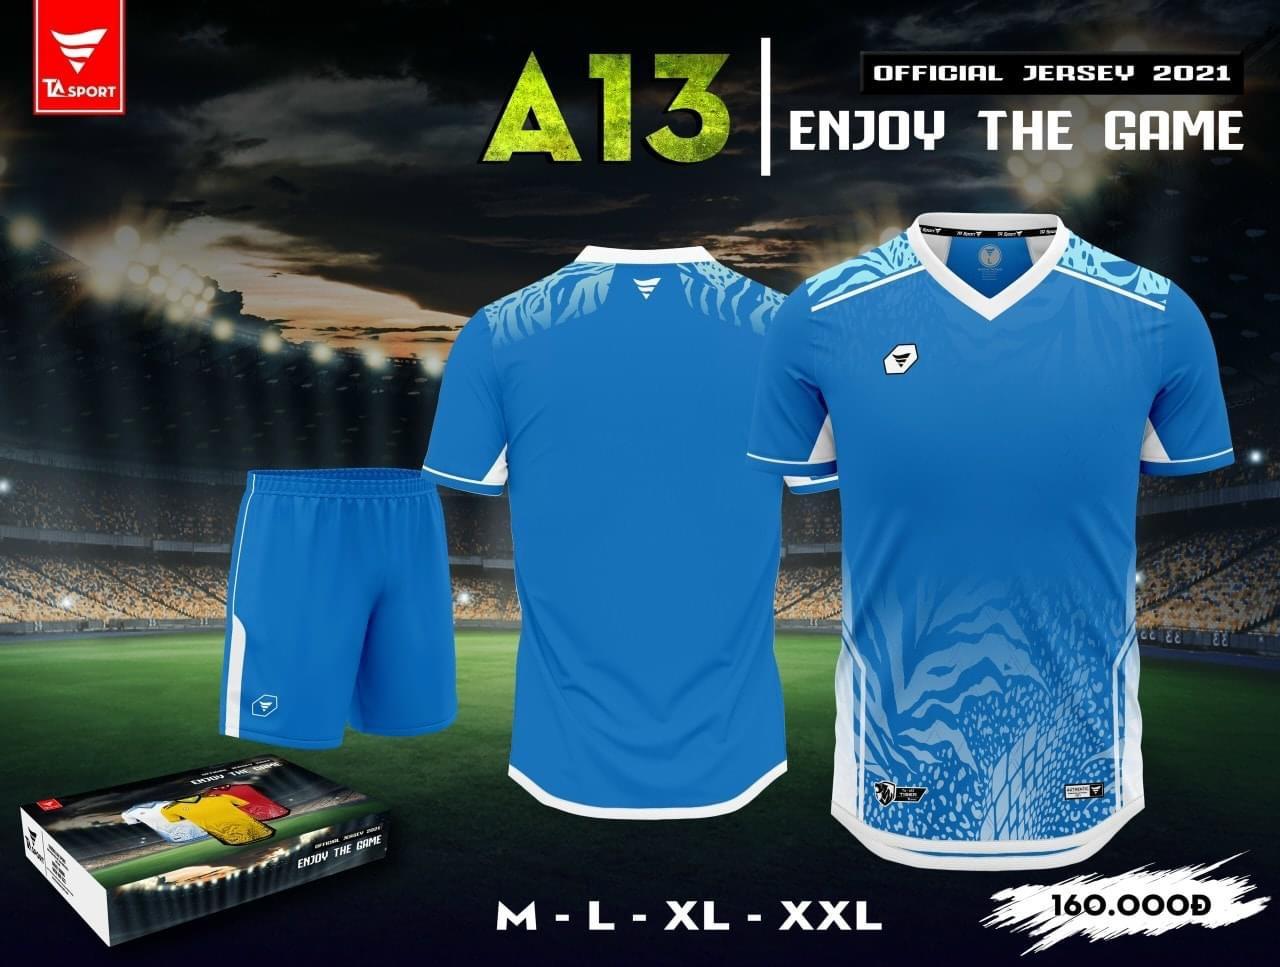 Quần áo bóng đá A13